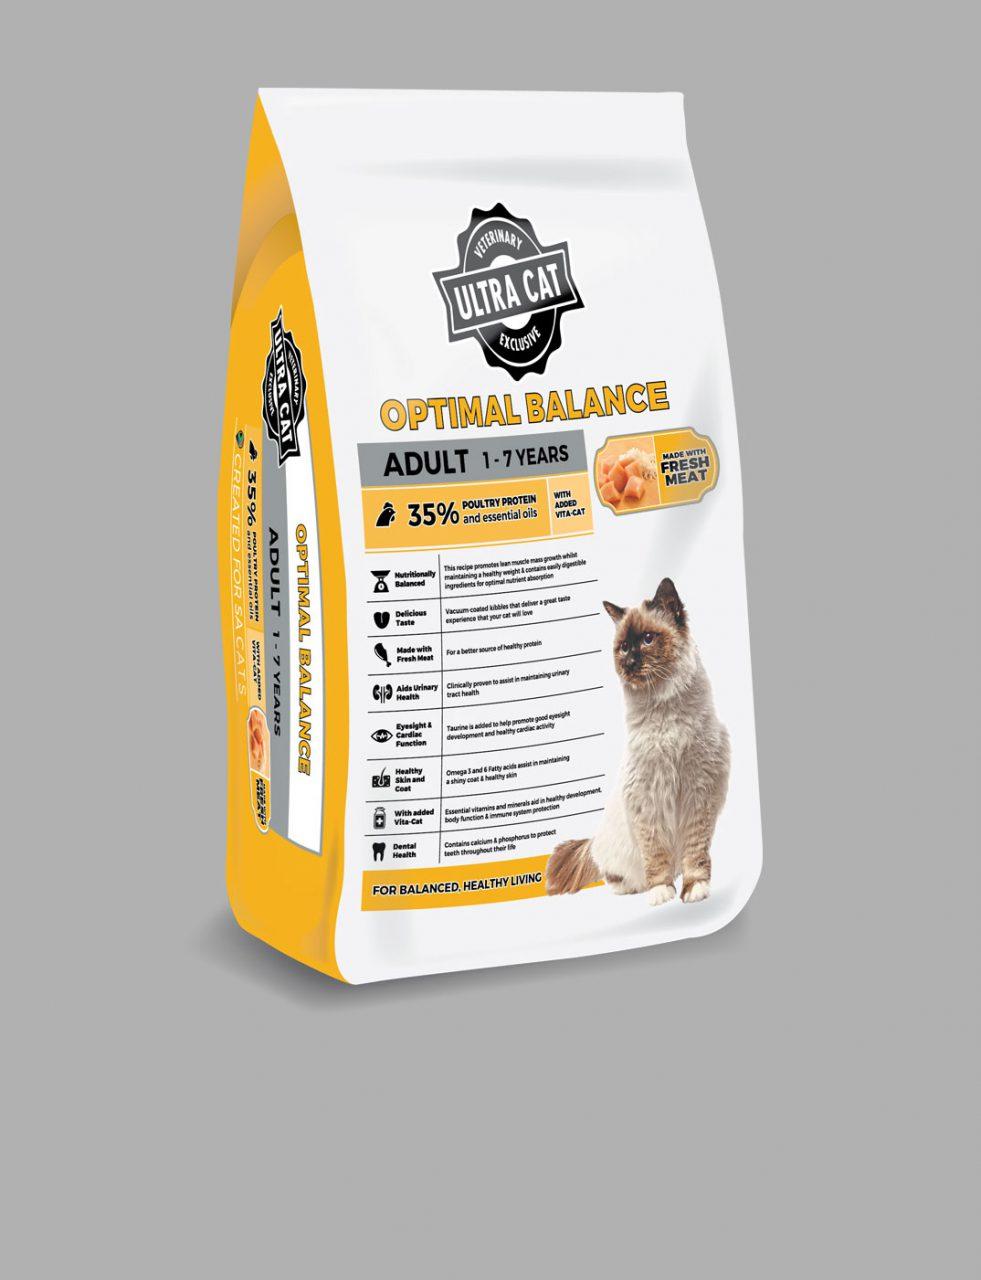 RCL - Ultra Pet | Ultra Cat Optimal Balance